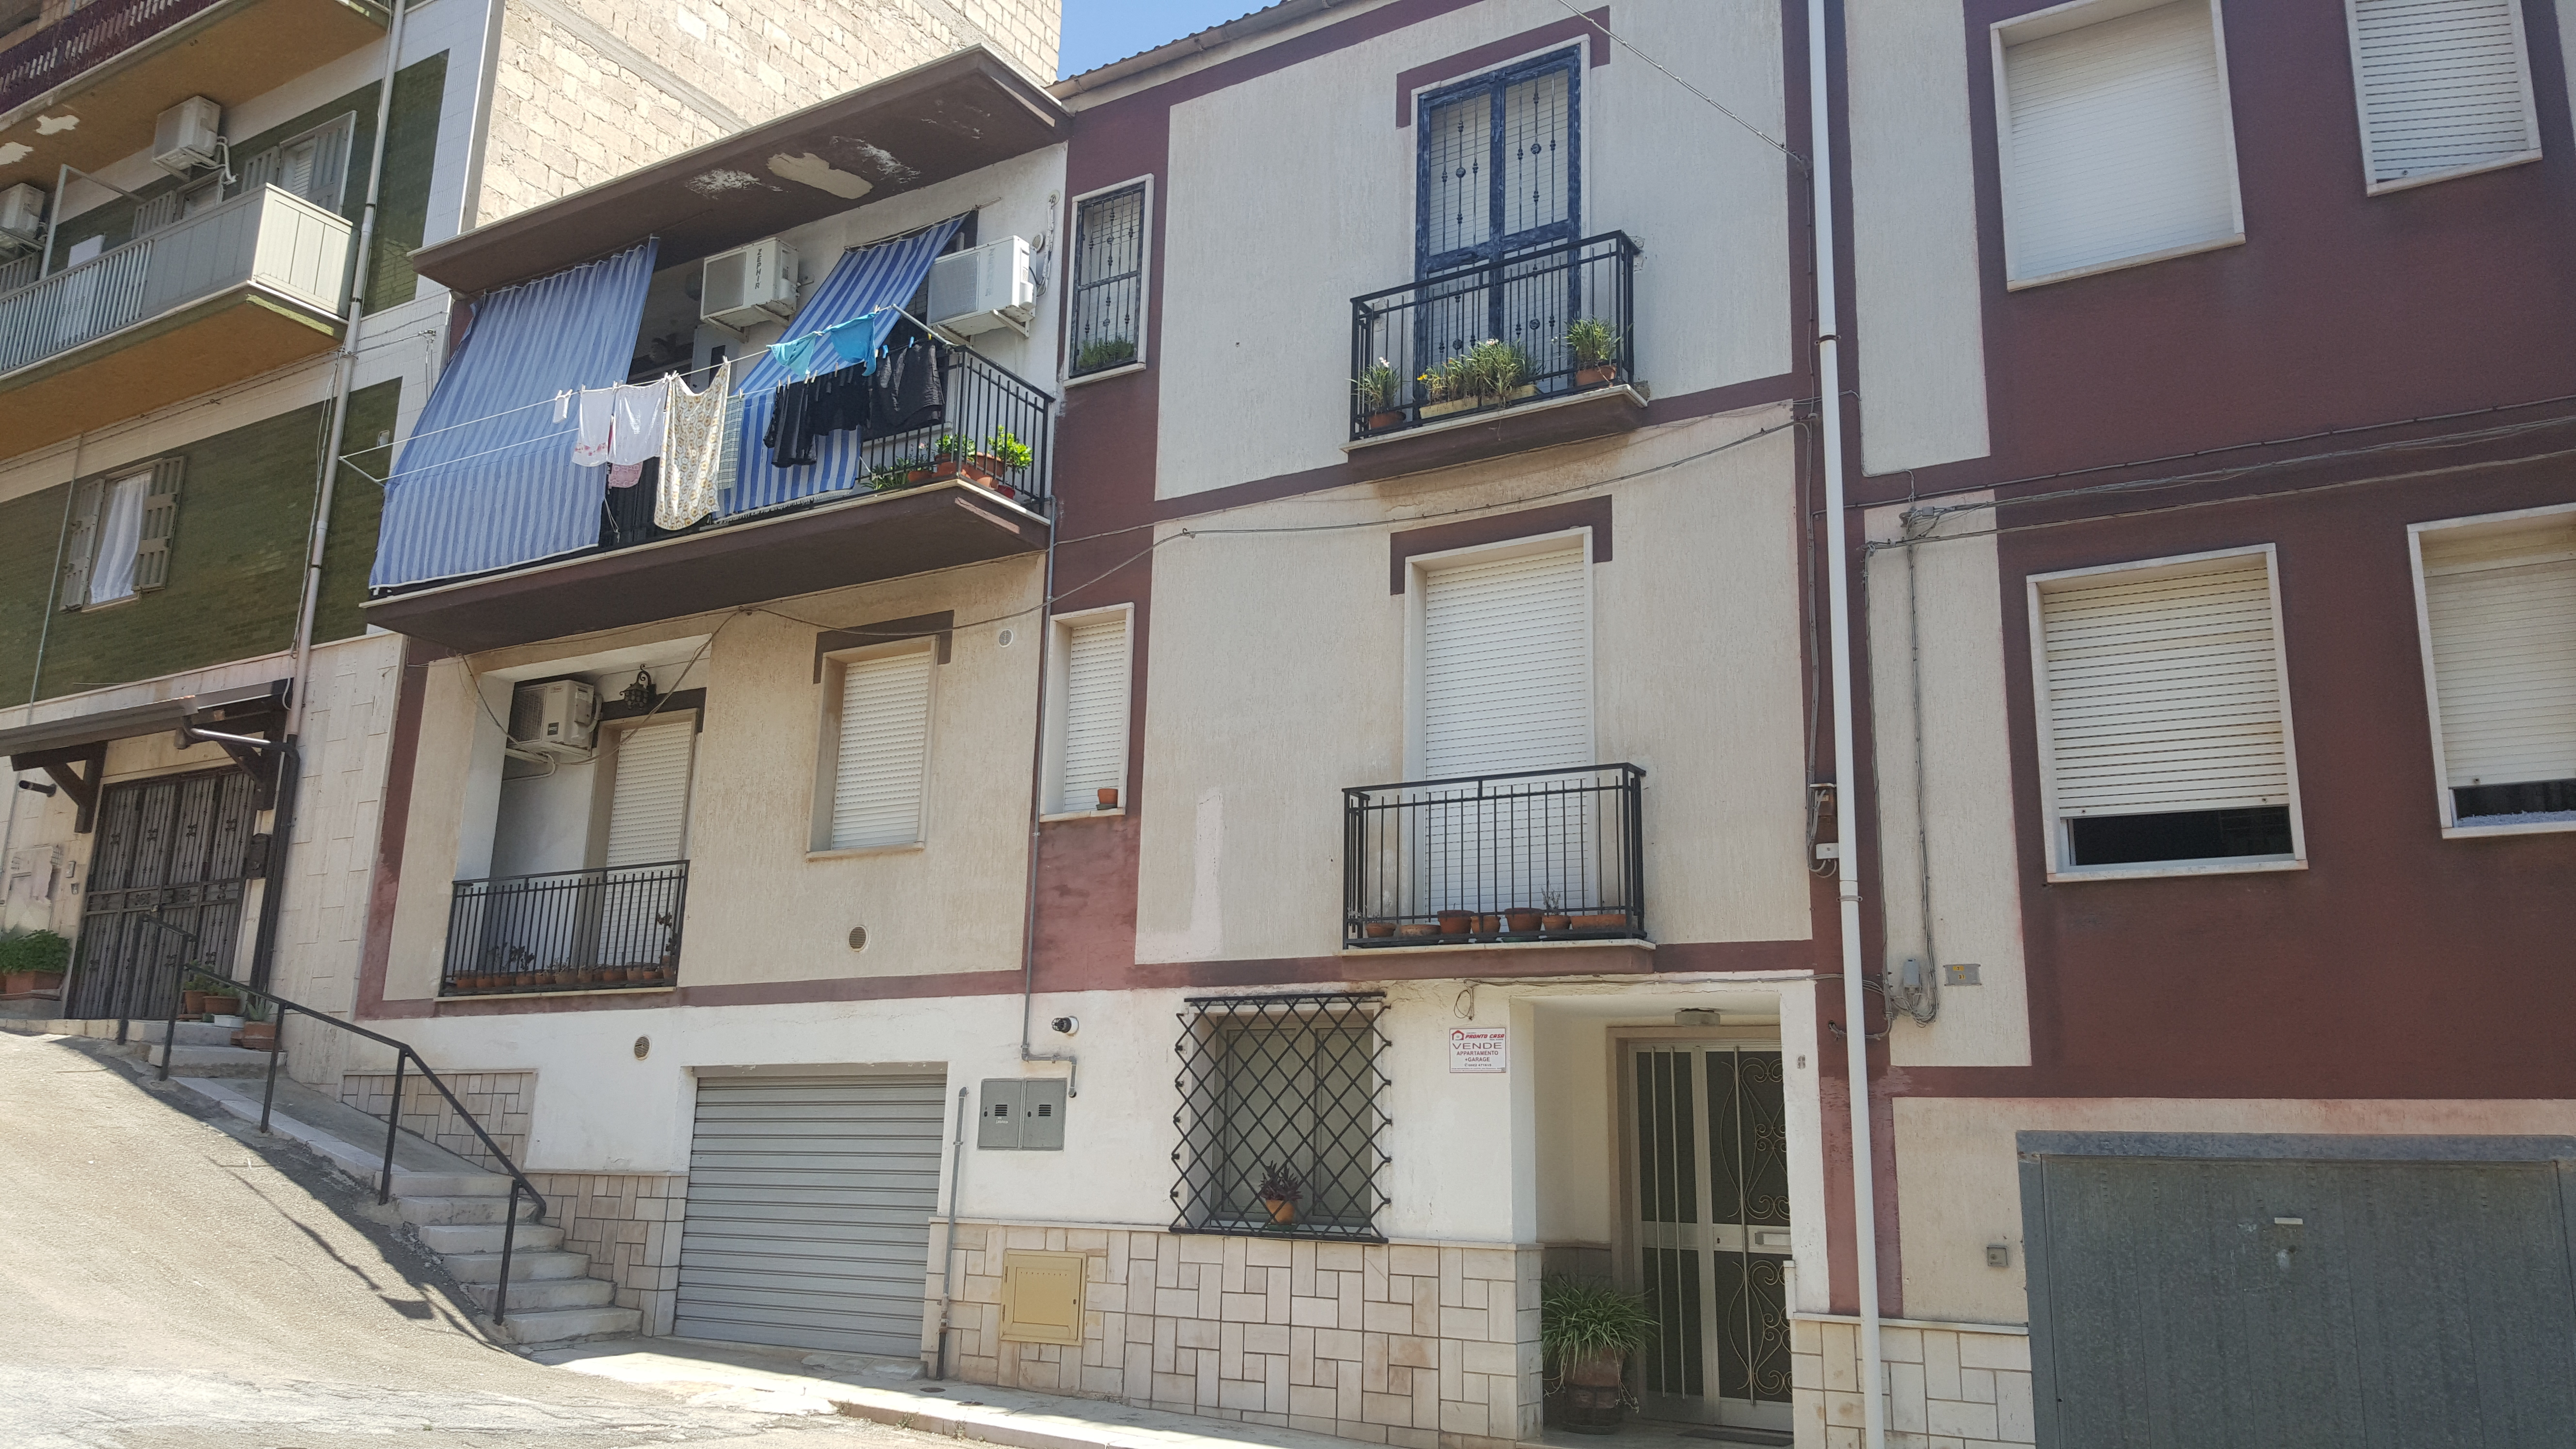 Appartamento in vendita a San Nicandro Garganico, 4 locali, zona Località: VIATARANTONE, prezzo € 75.000   CambioCasa.it